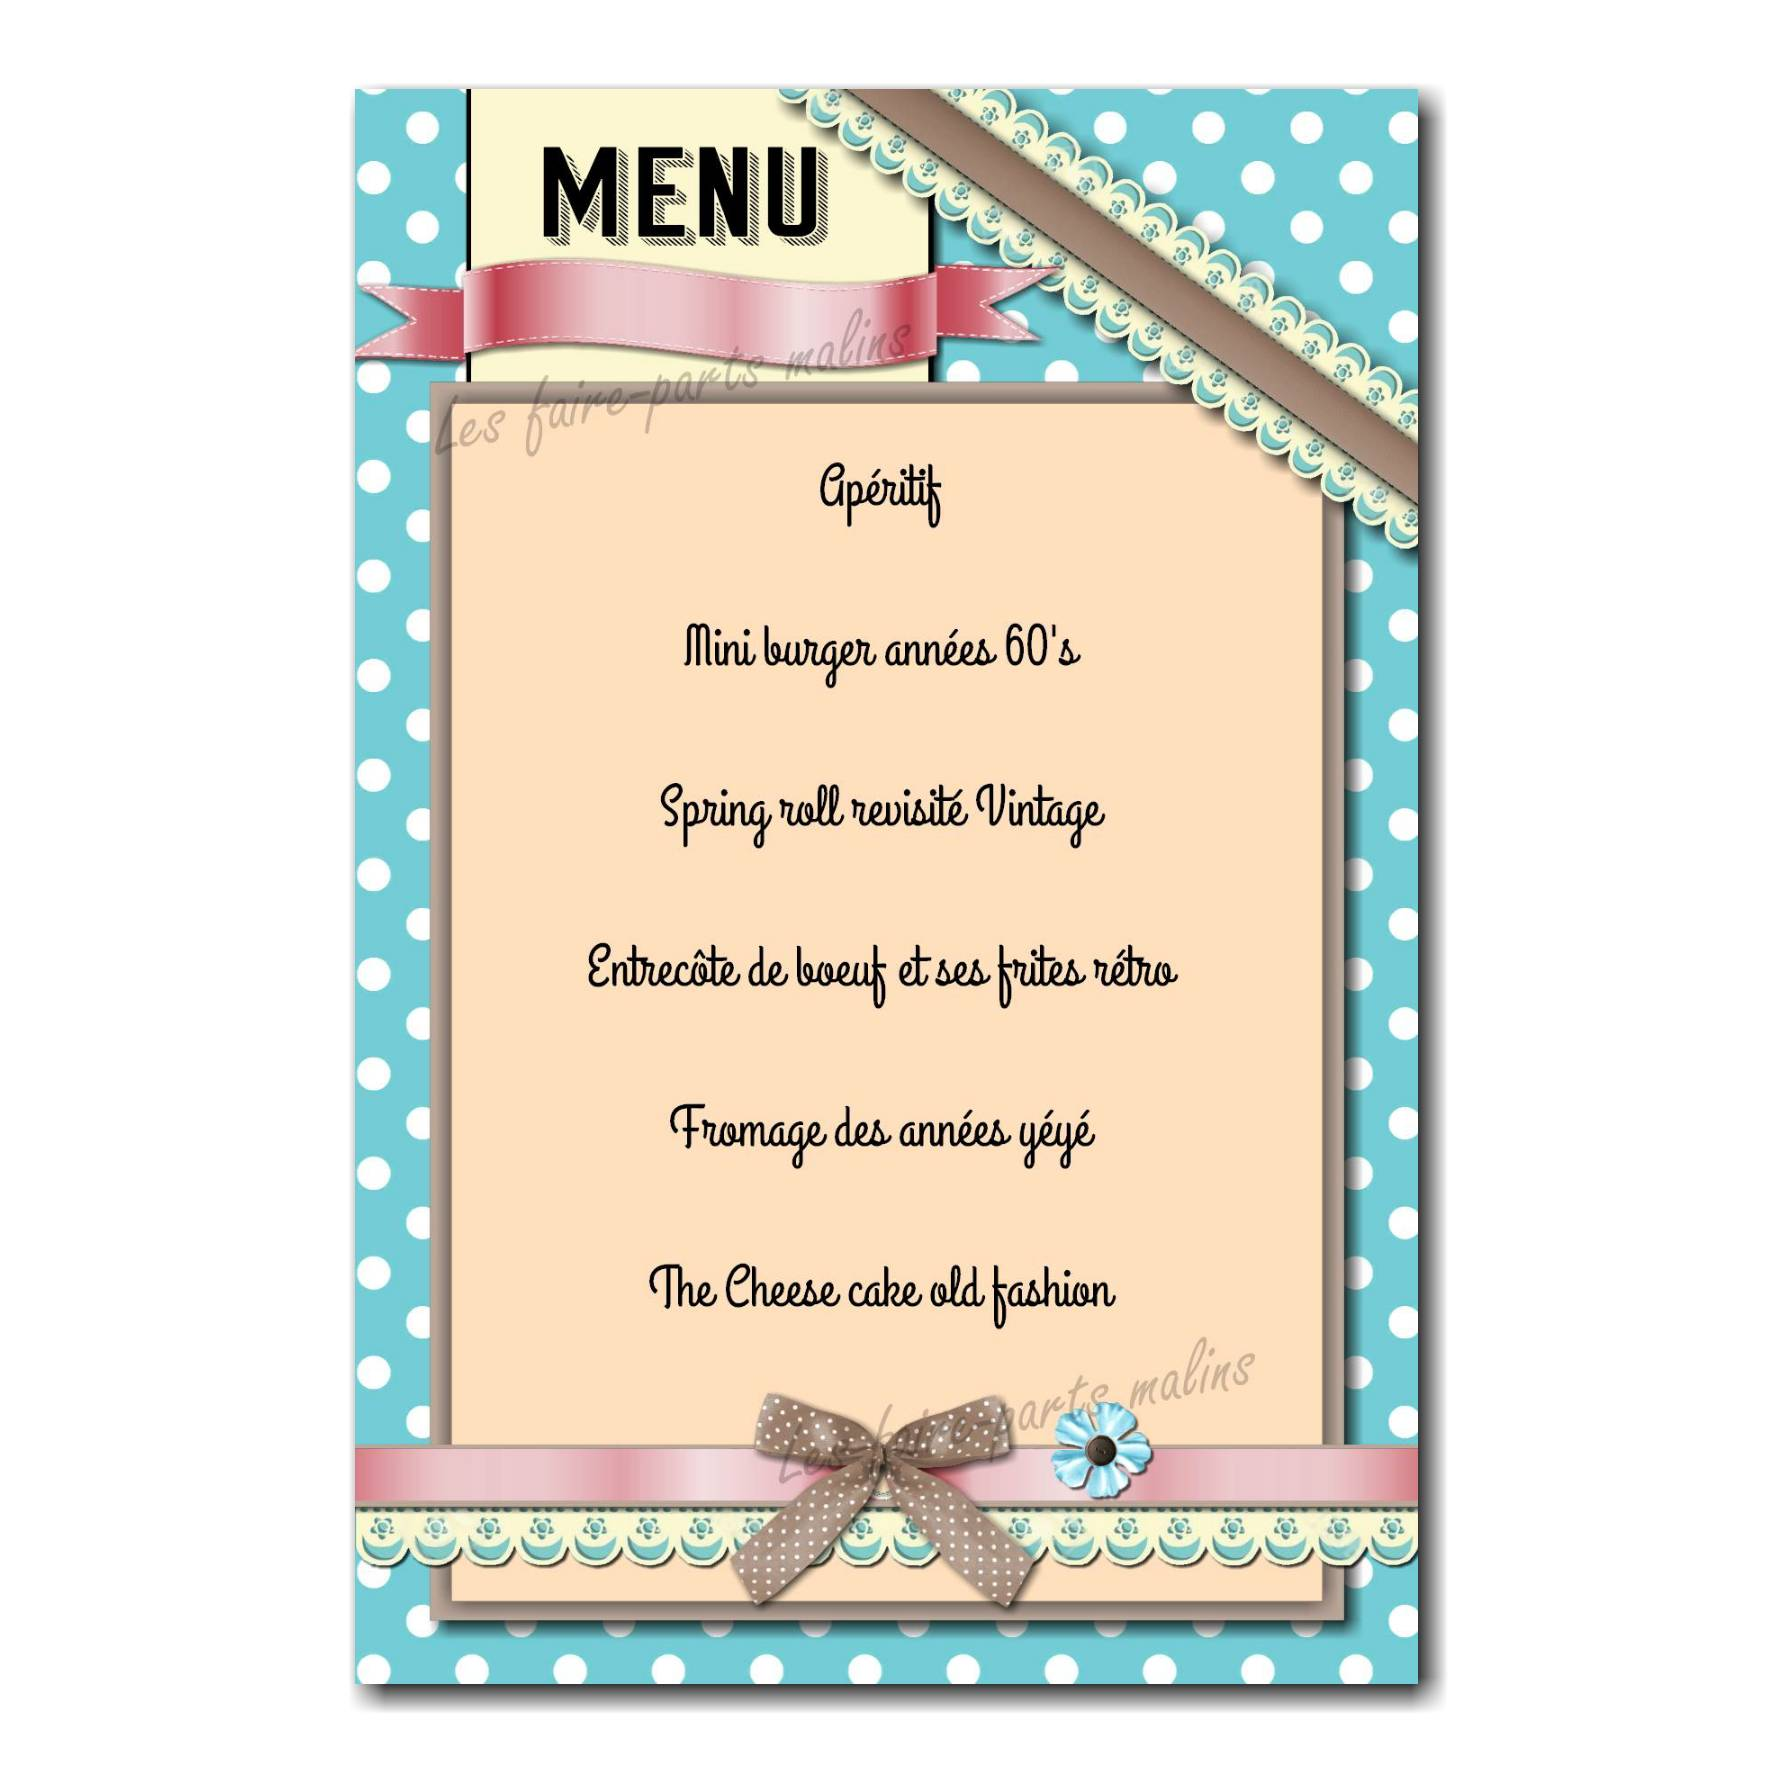 carte de menu vintage sur fond à pois bleu